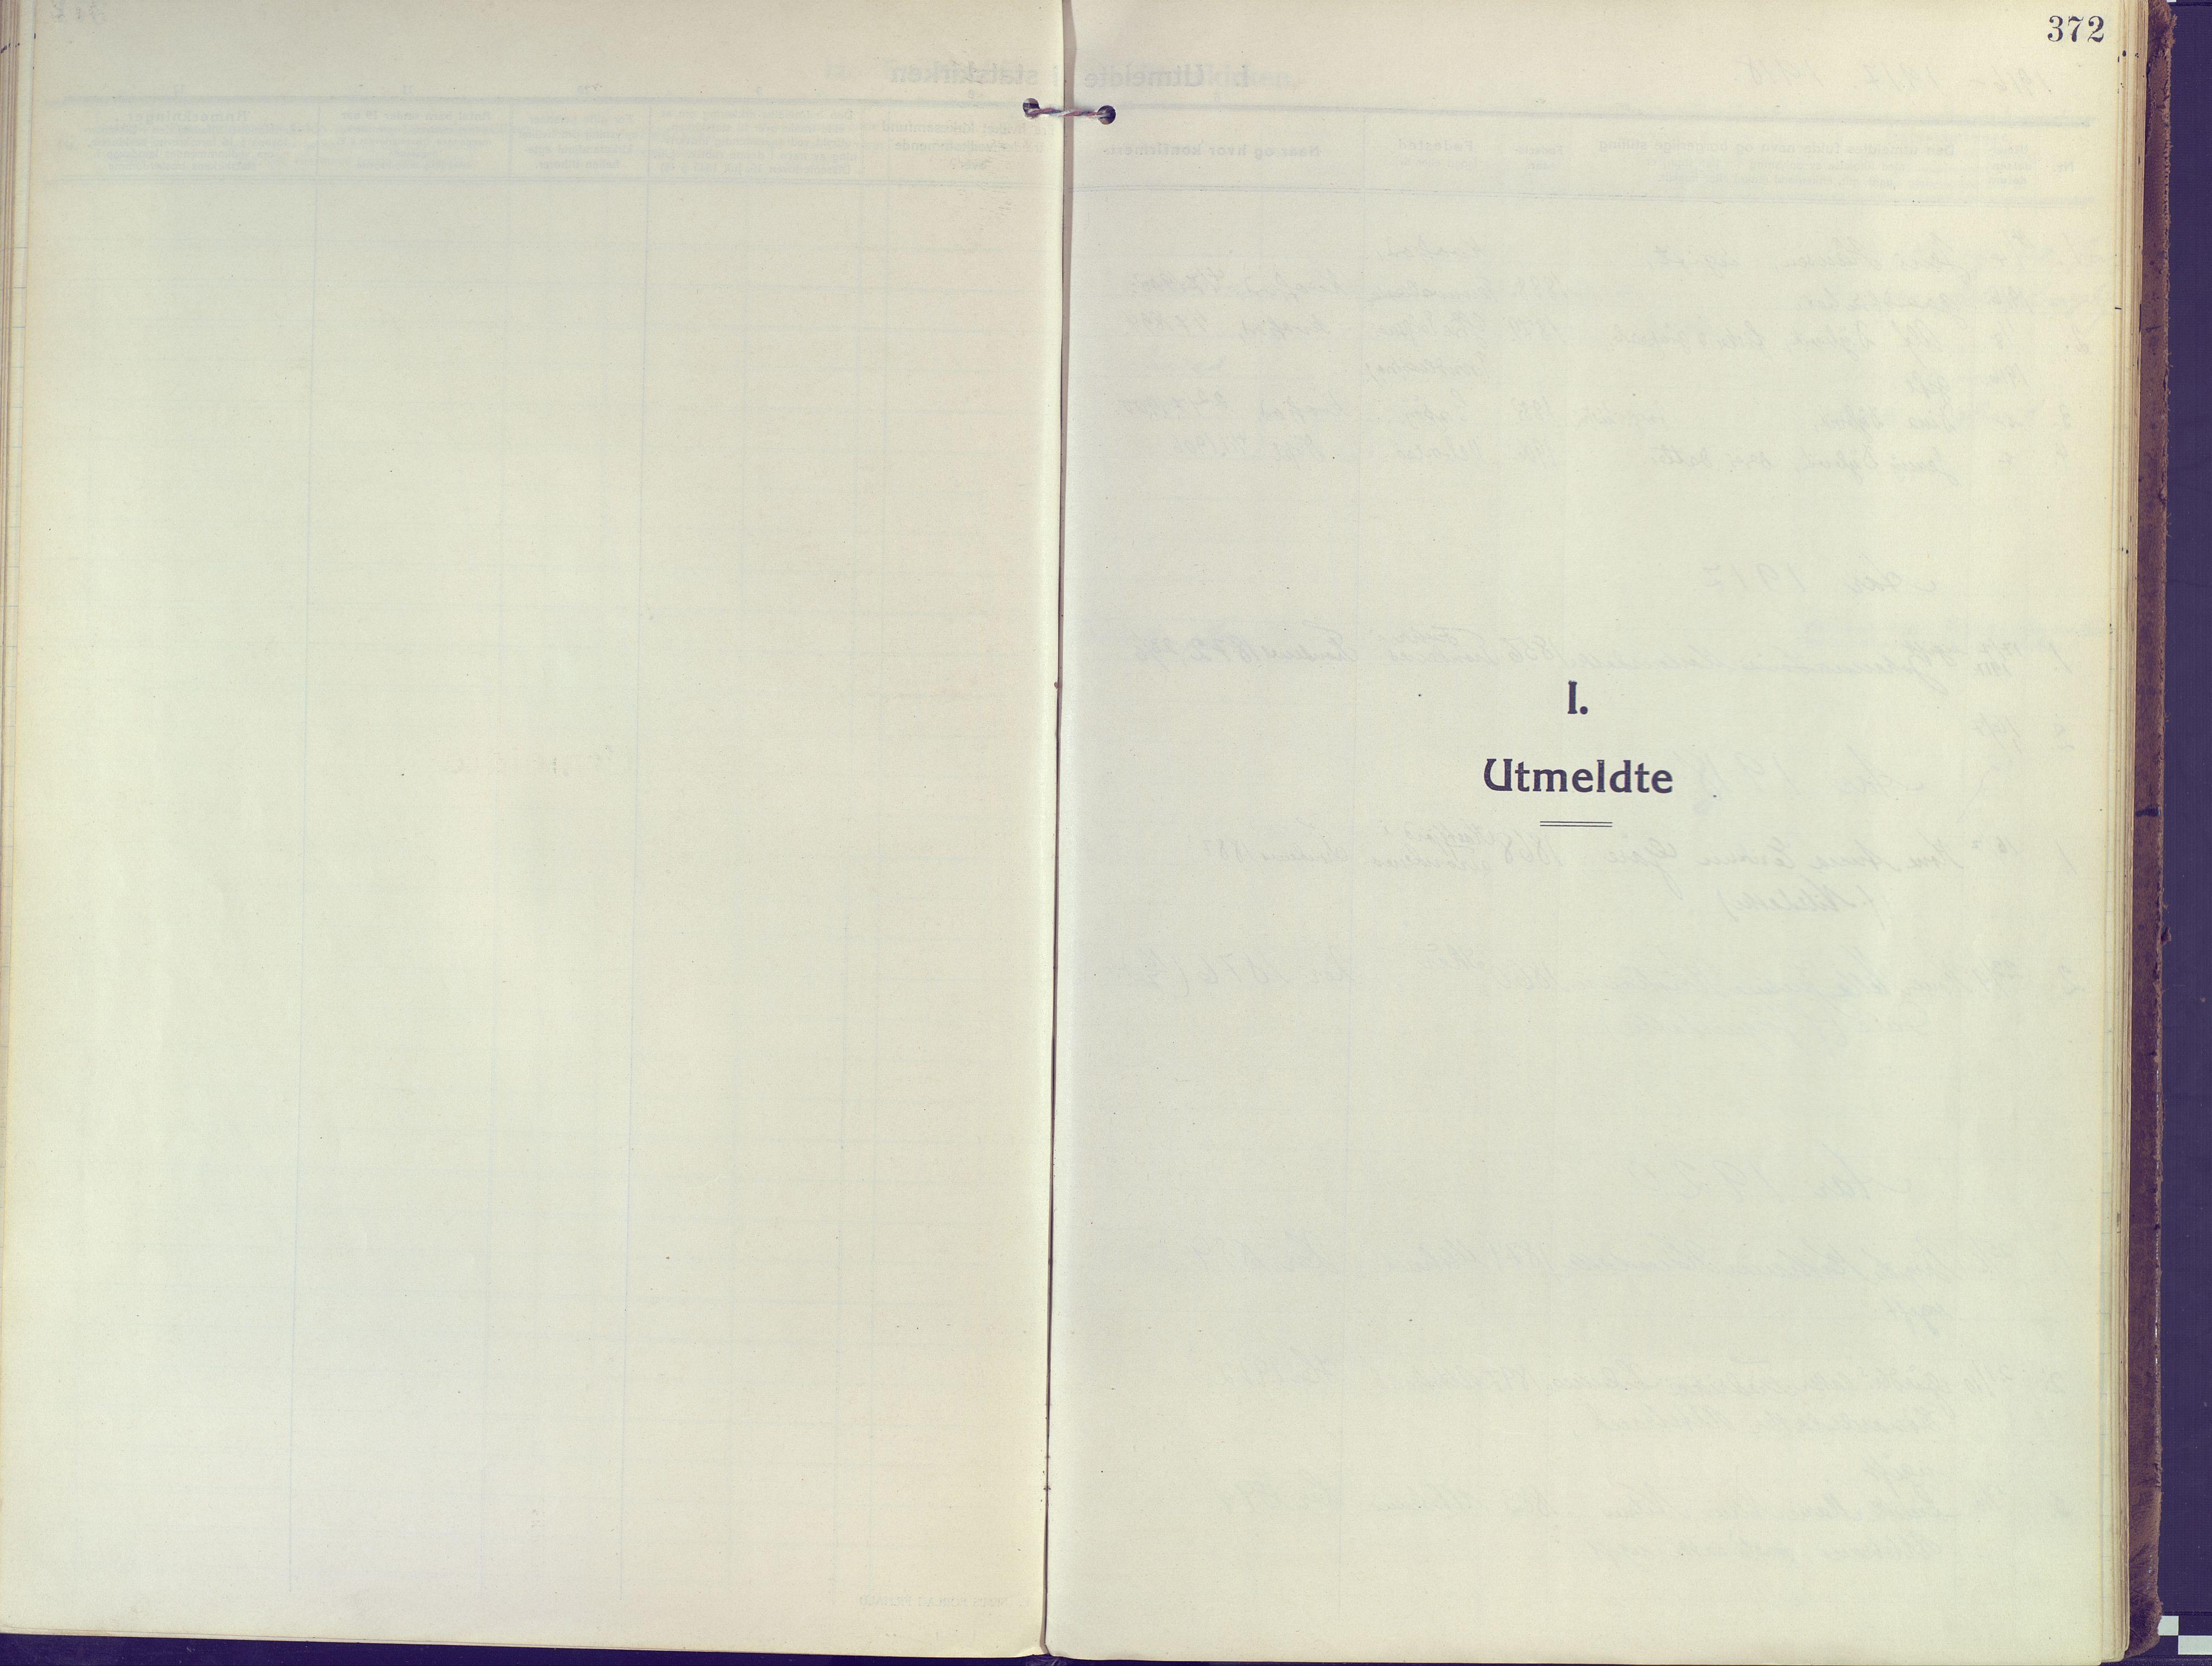 SATØ, Kvæfjord sokneprestkontor, G/Ga/Gaa/L0007kirke: Ministerialbok nr. 7, 1915-1931, s. 372